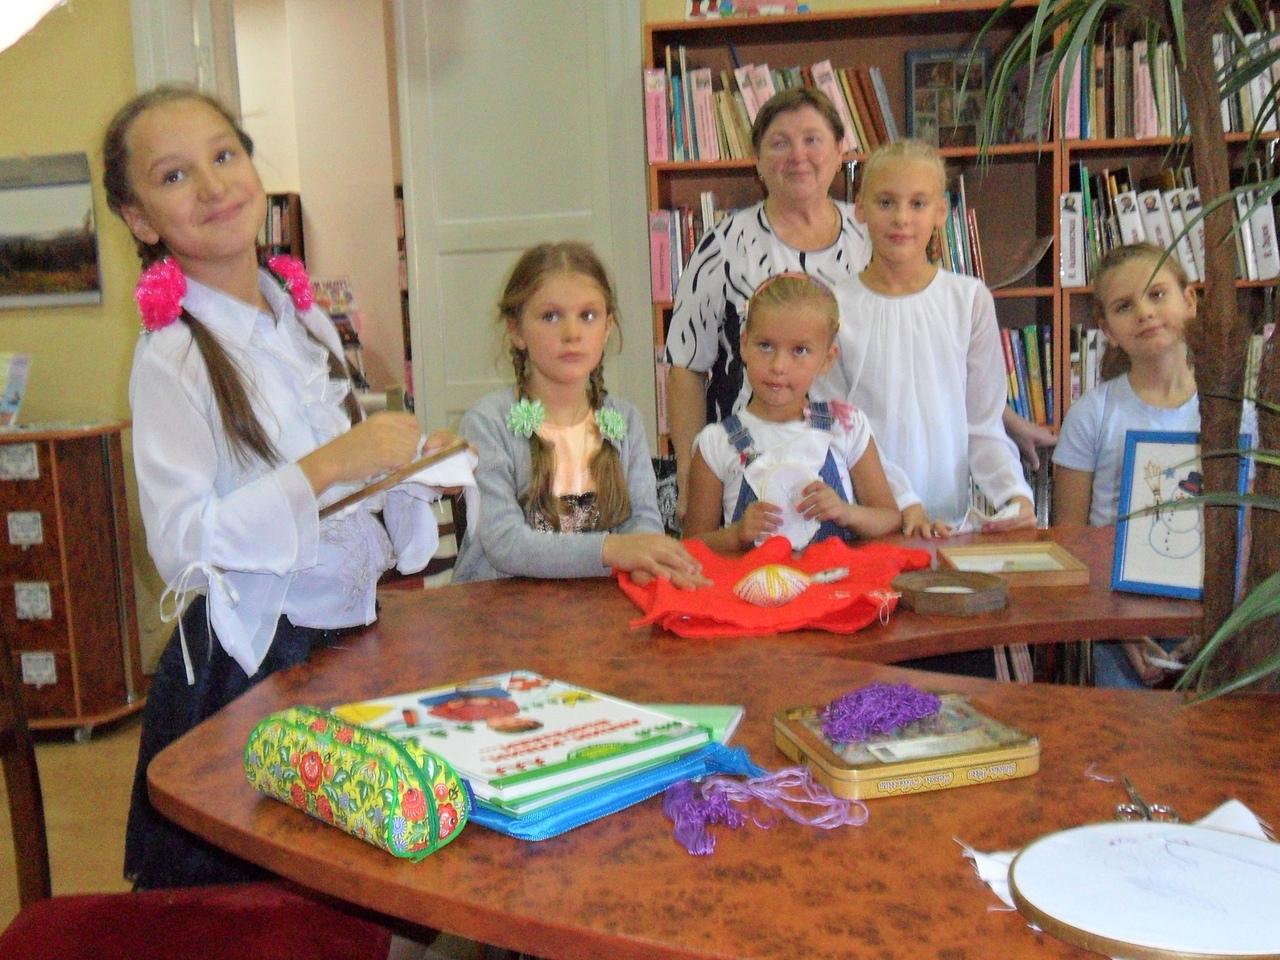 Донецкая республиканская библиотека для детей, занятия с детьми, в библиотеке интересно, отдел искусств, кружок художественной вышивки